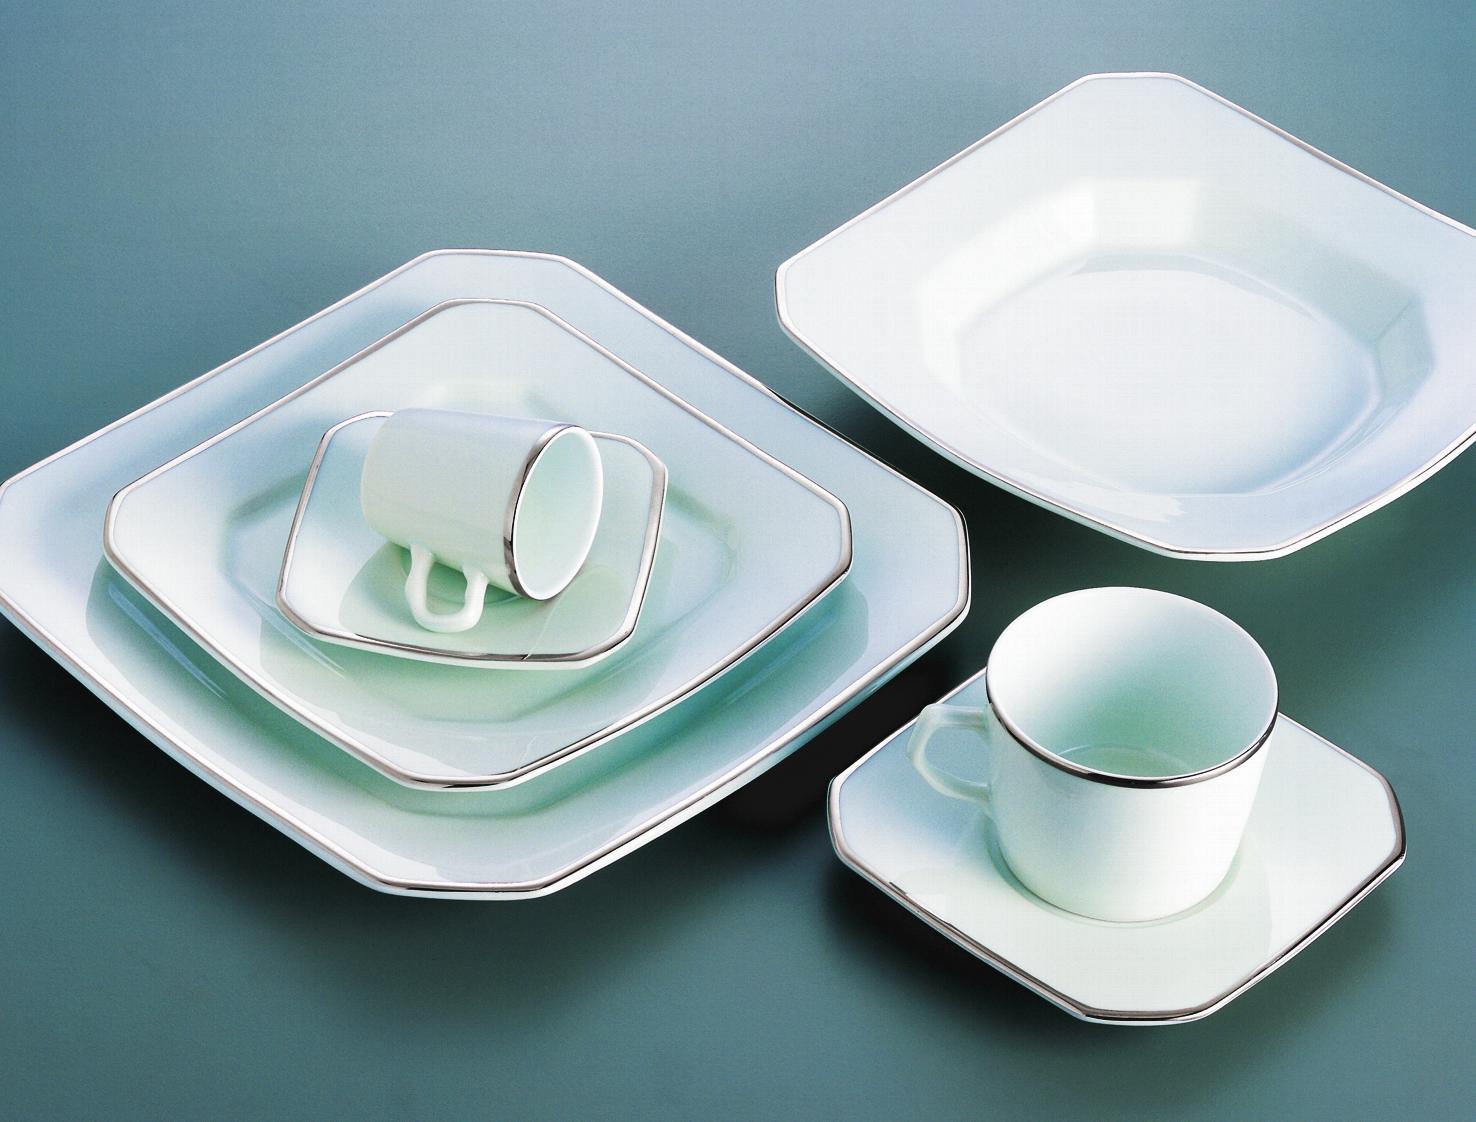 Aparelhos de jantar são utensílios que podem levar requinte à mesa  #726159 1476x1122